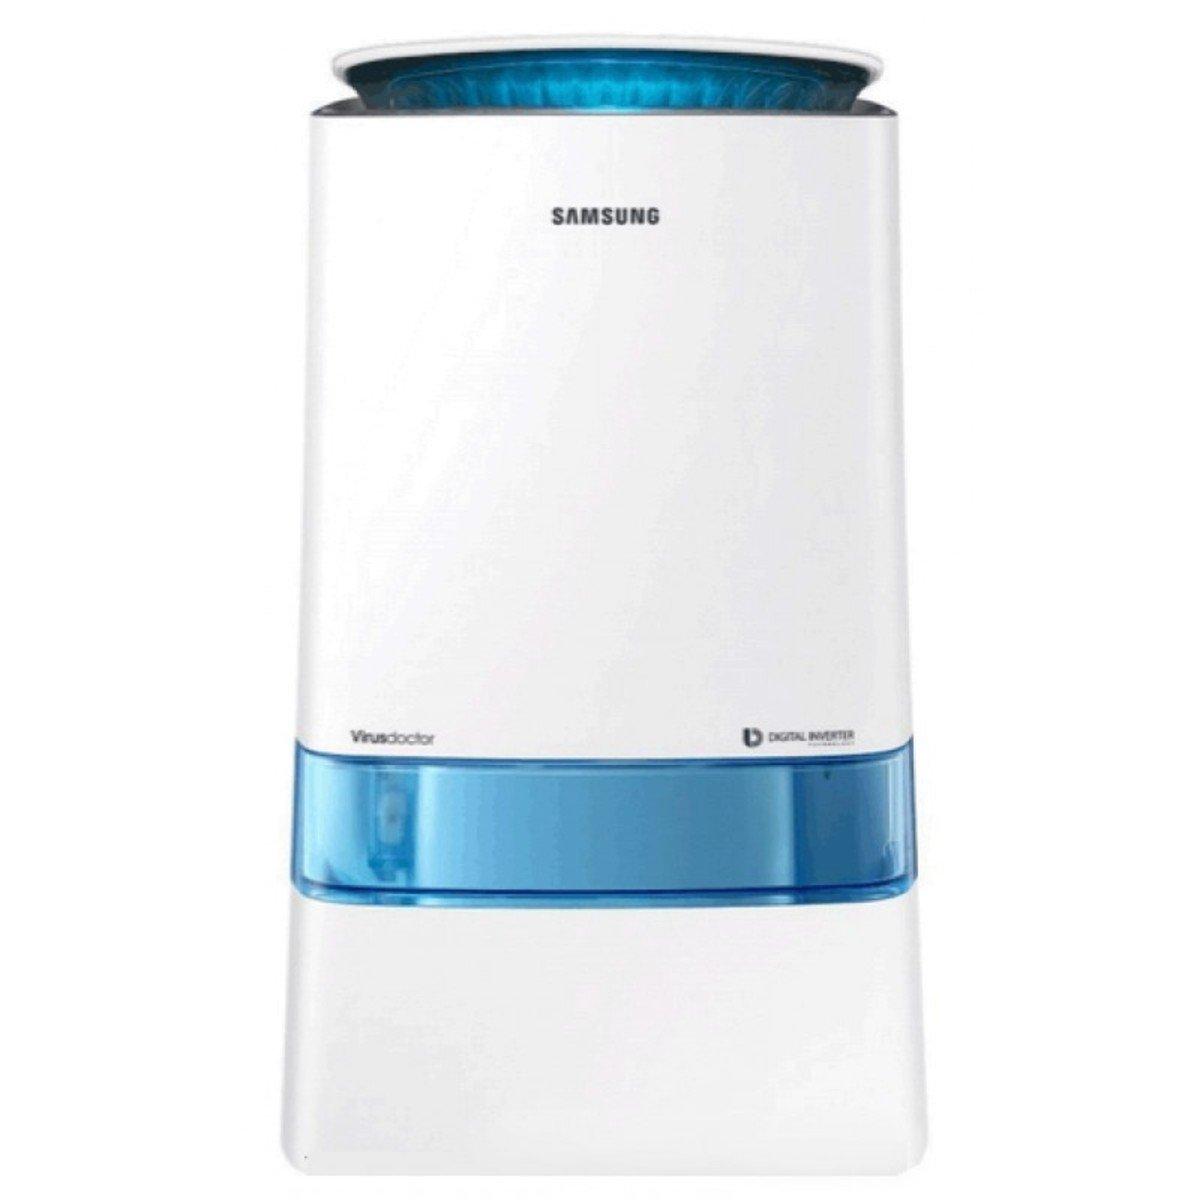 每曰24公升抽濕 1級能源標籤  數碼變頻除菌抽濕機